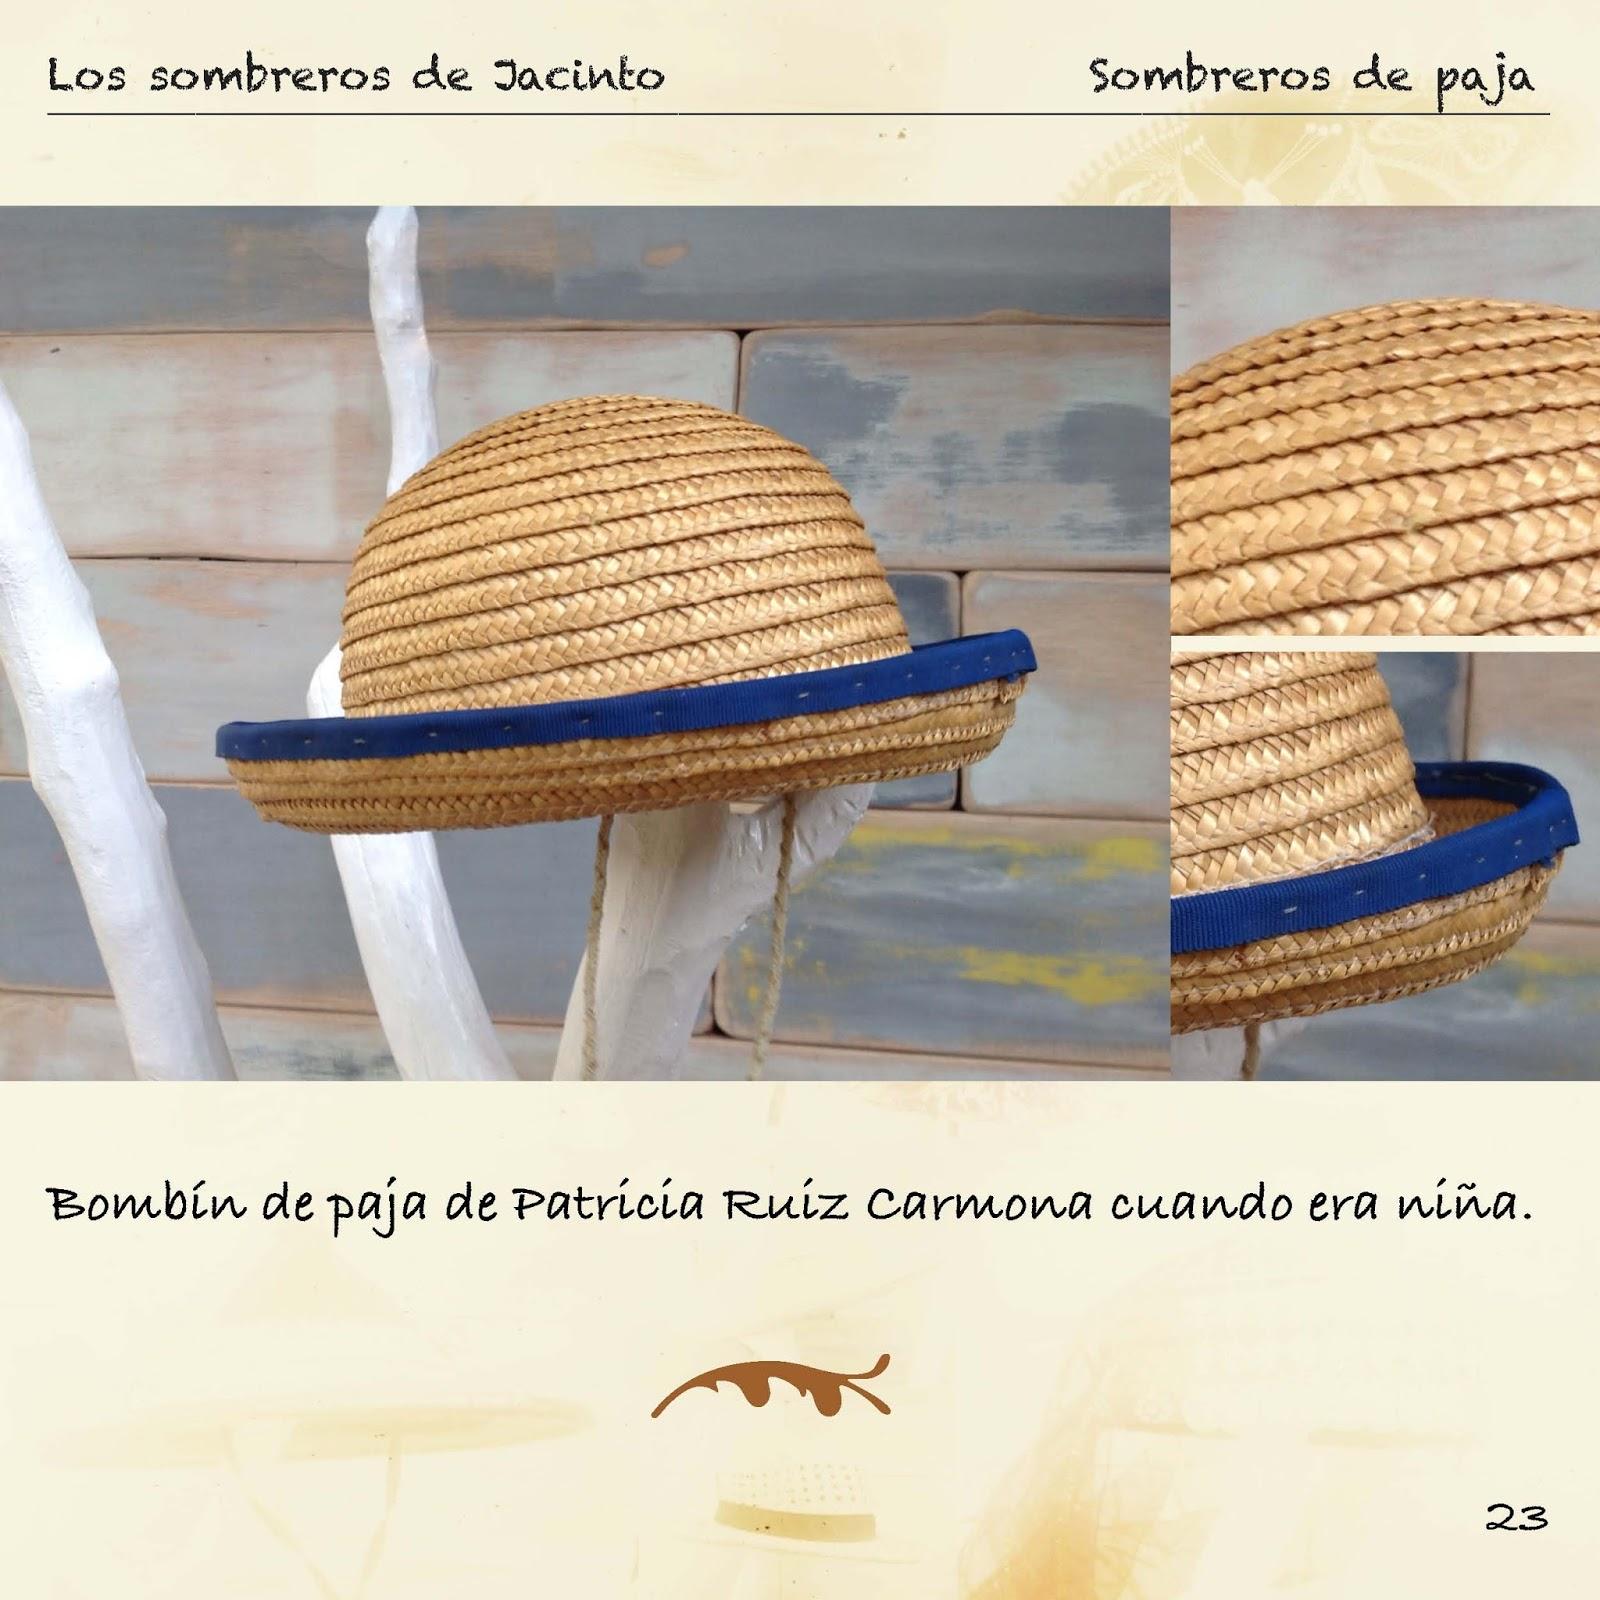 Asimismo se hace una pequeña descripción de la procedencia del sombrero. Se  han recopilado sombreros de las procedencias más ... 97fbcefb44f